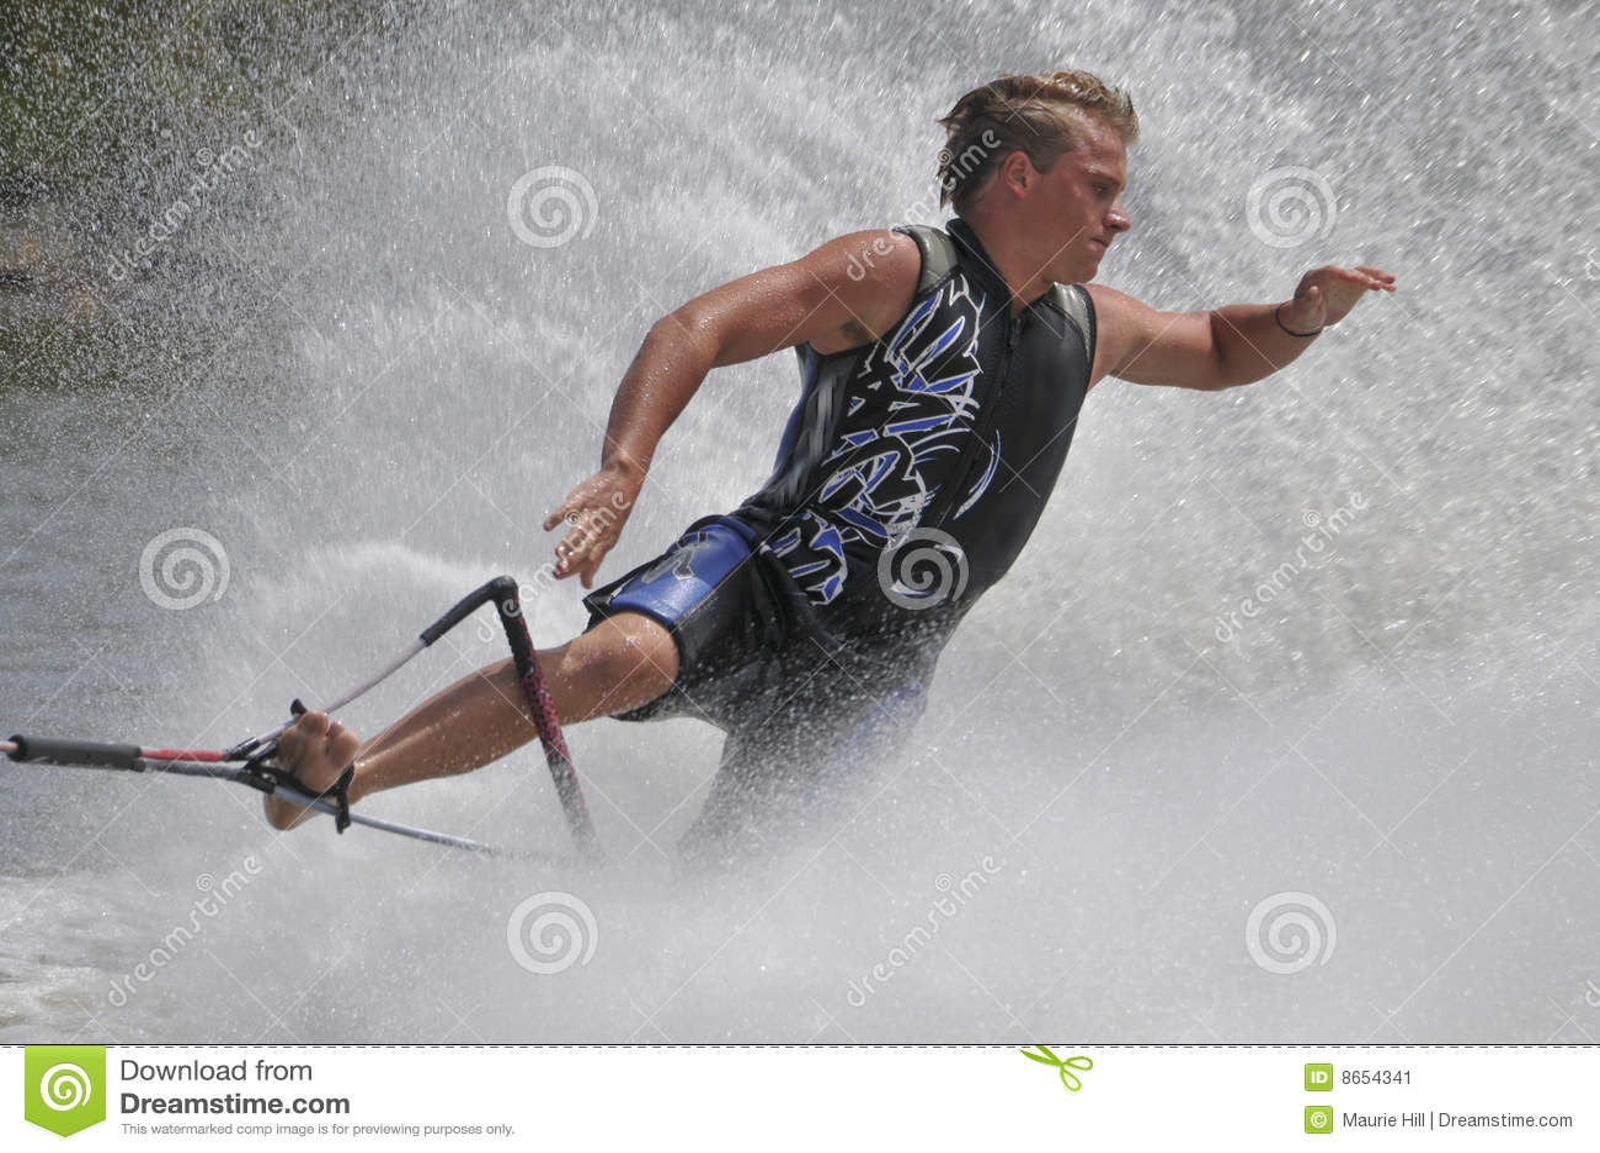 Лыжники в мокрой одежде — img 14